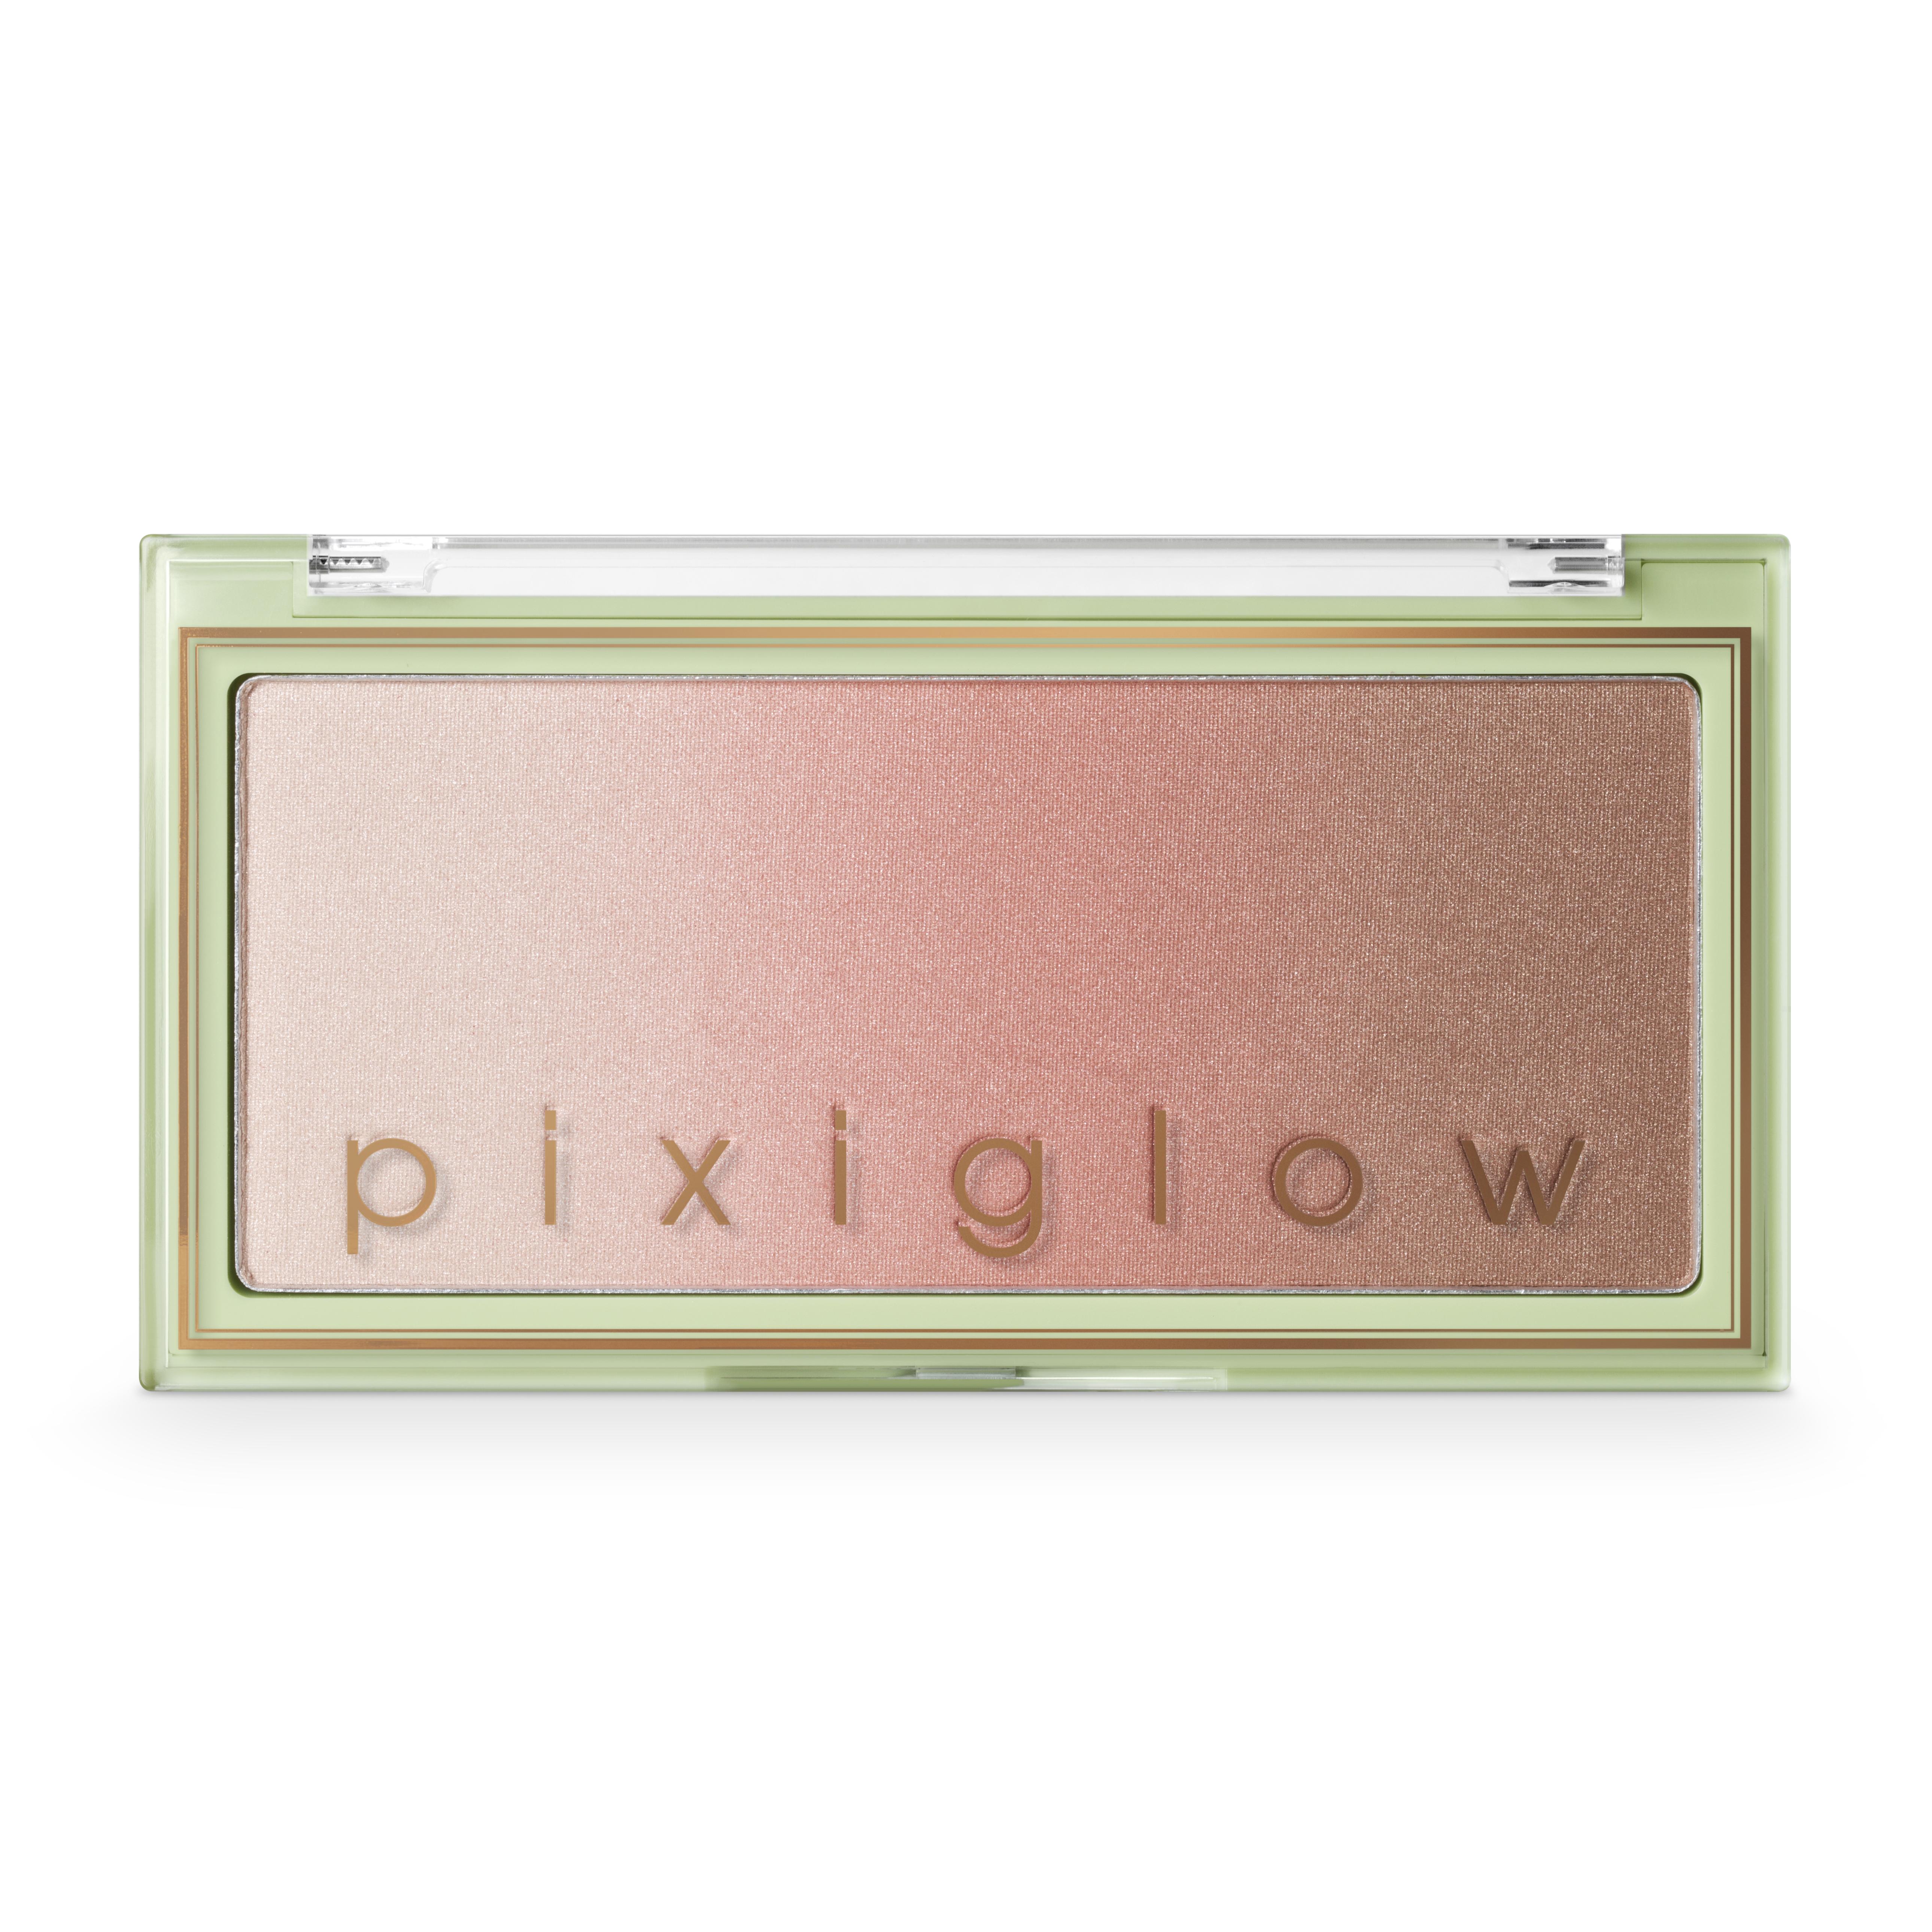 Pixiglow Cake Gilded Bare Glow